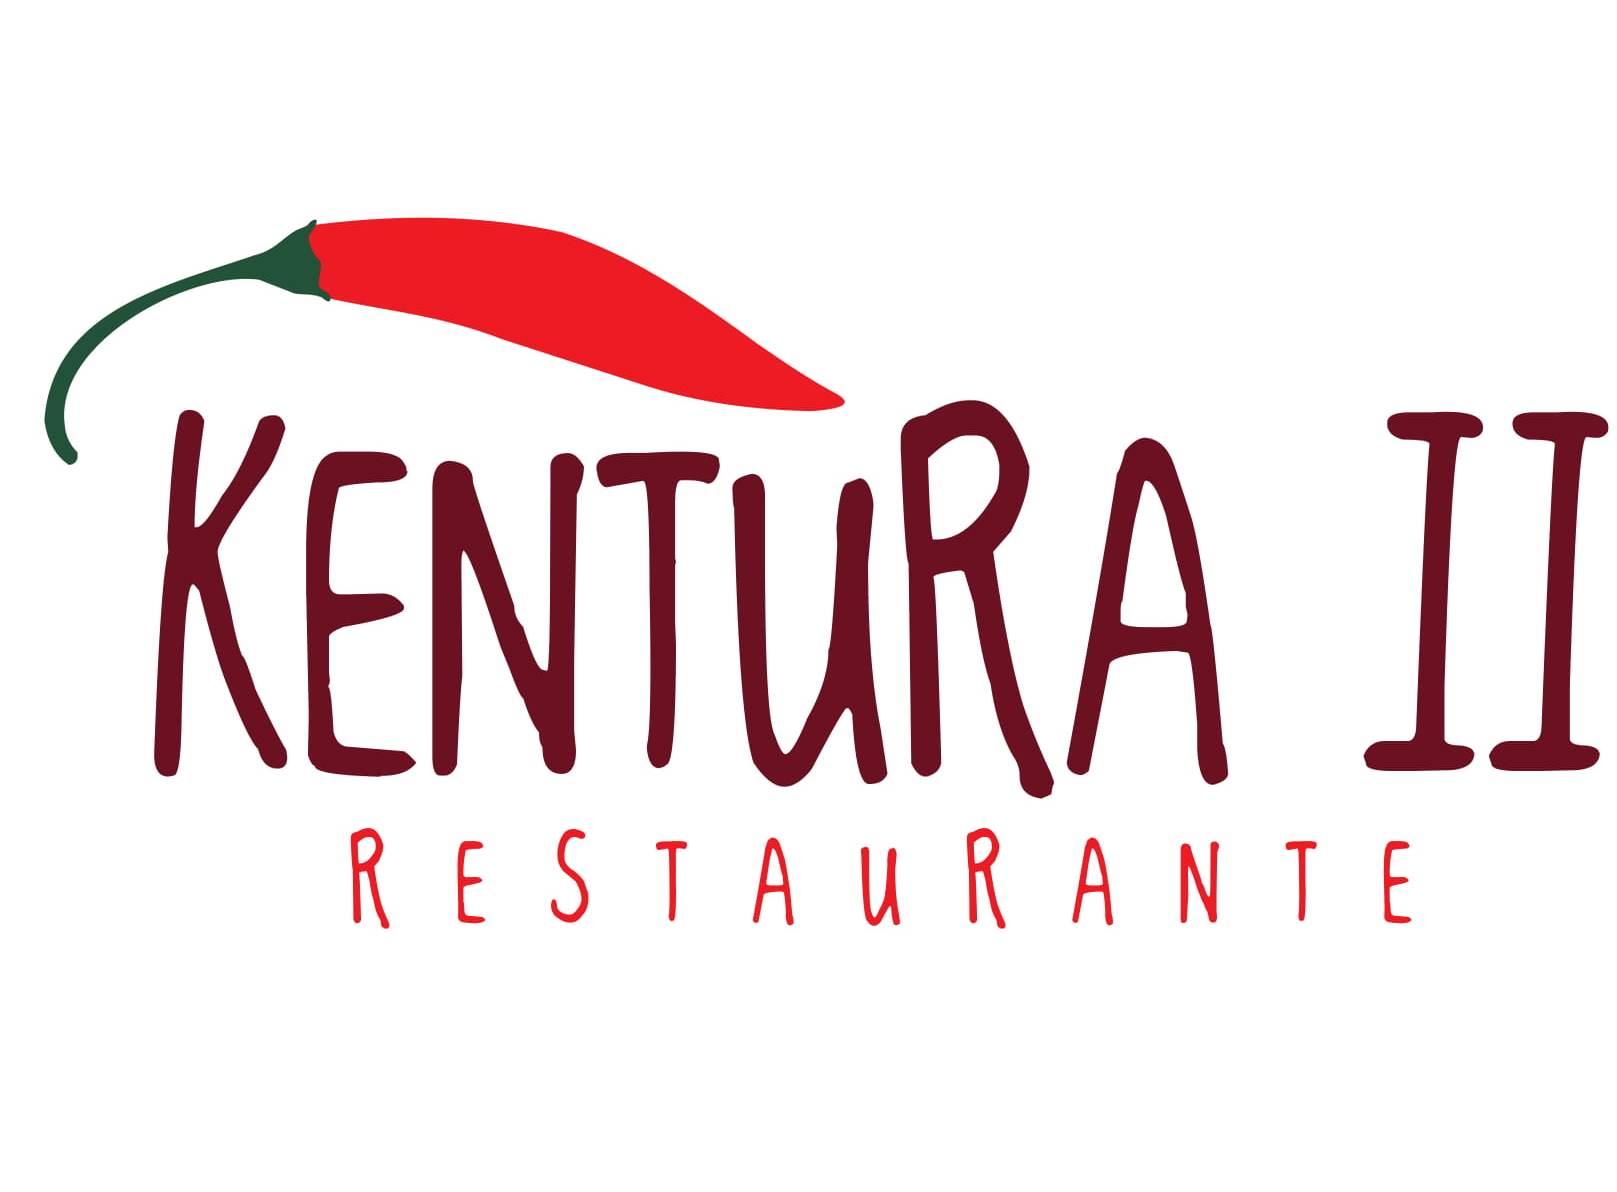 Kentura II